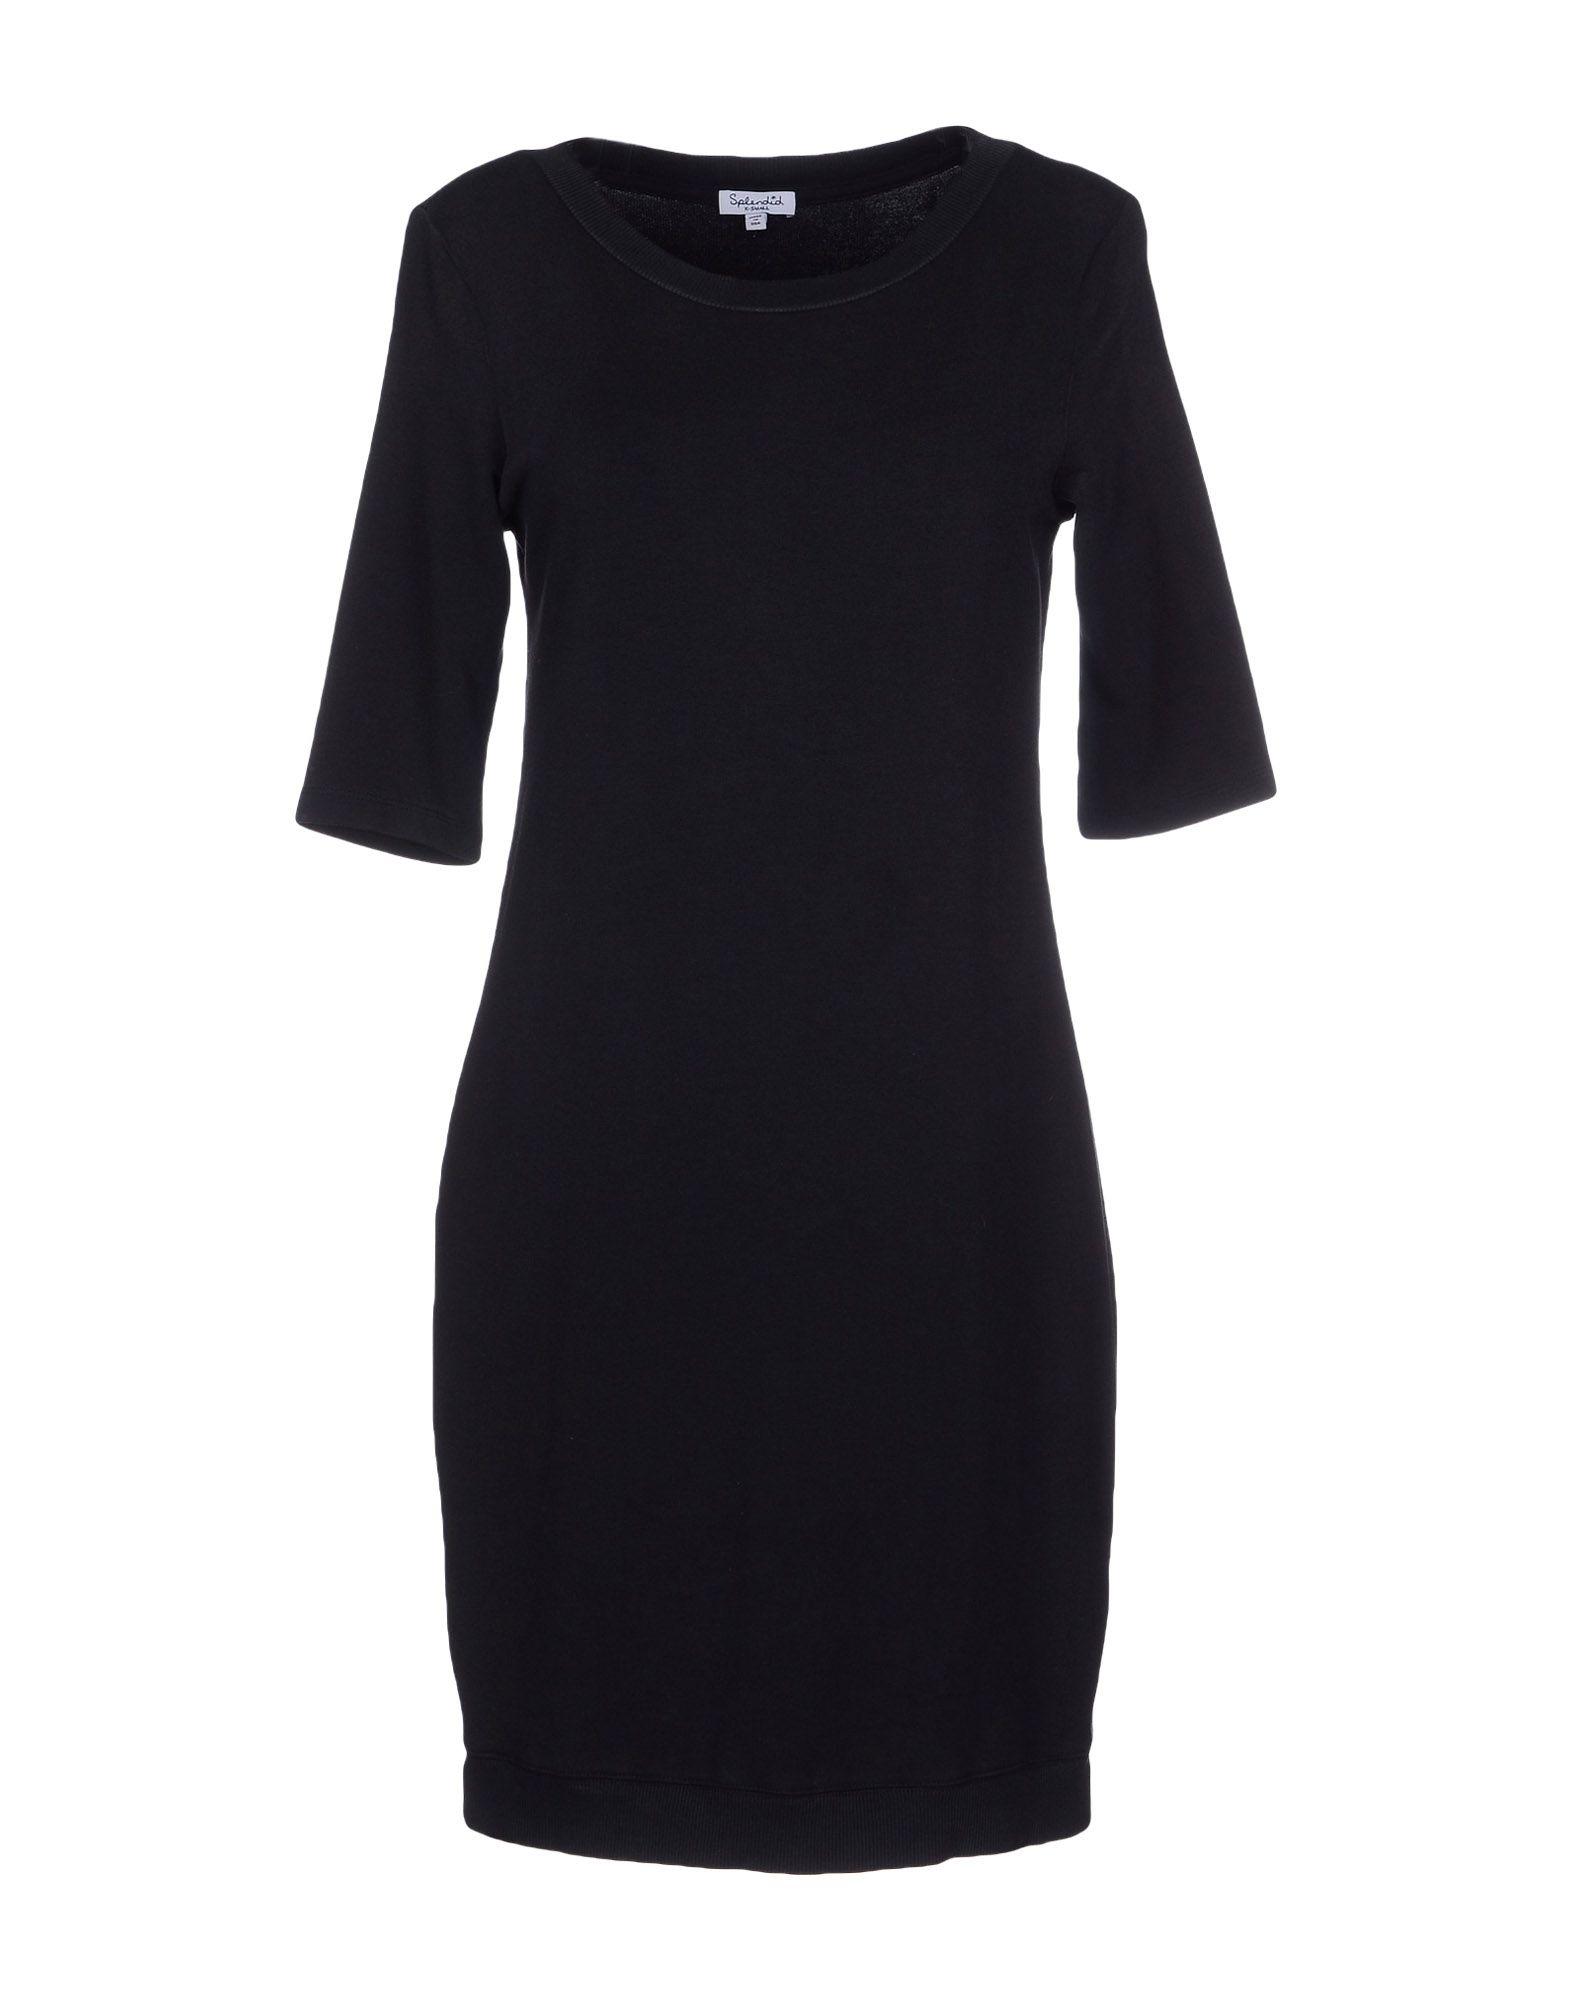 SPLENDID Damen Kurzes Kleid Farbe Schwarz Größe 3